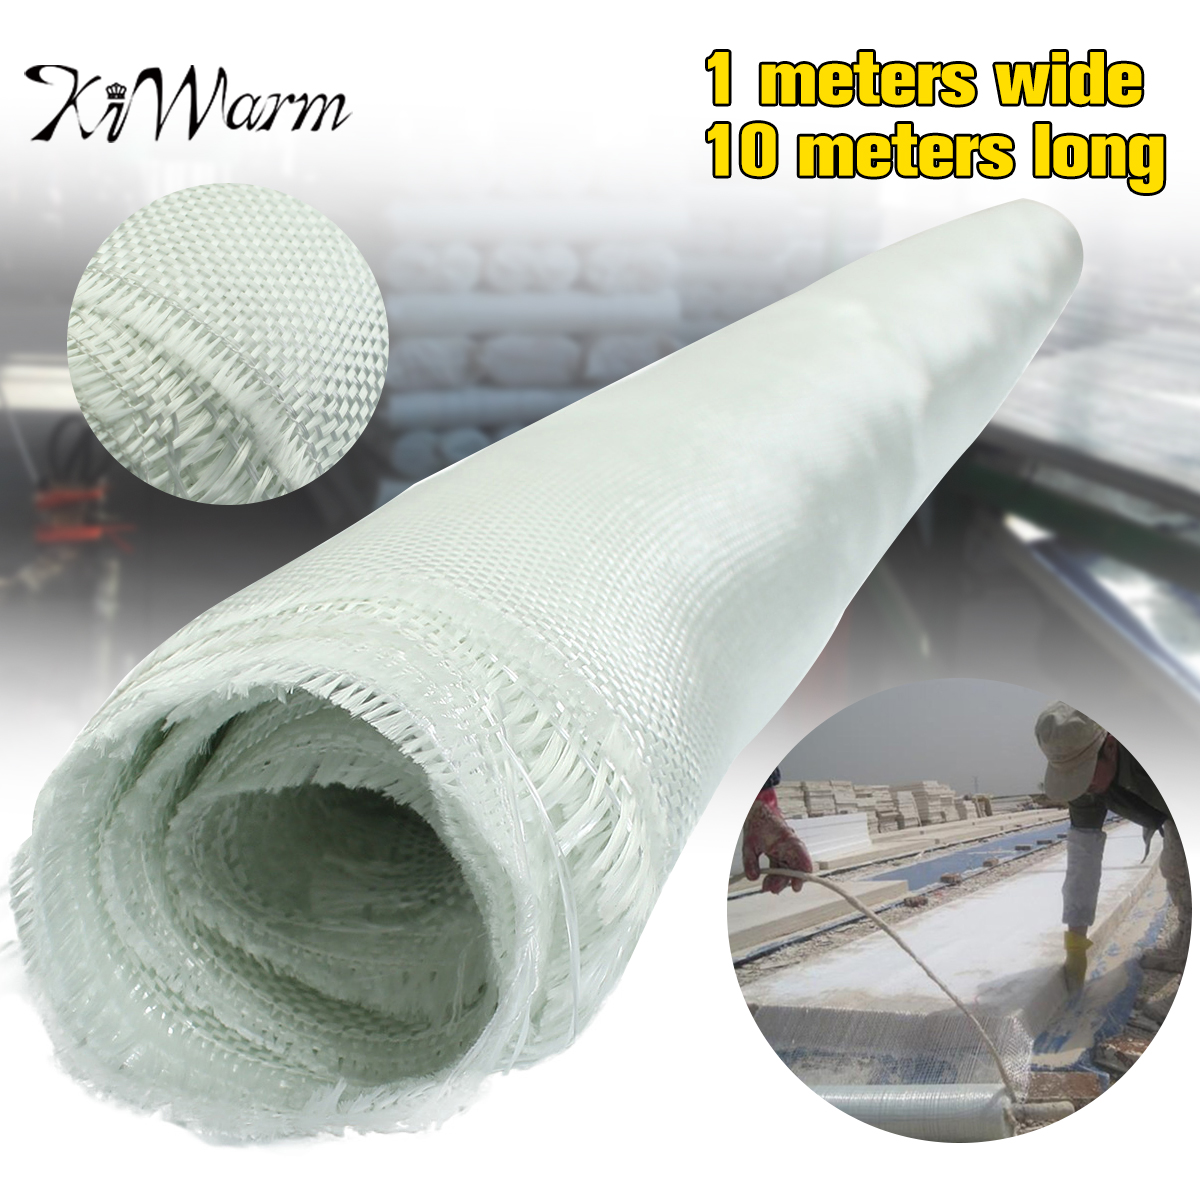 KiWarm 1 pc Blanc En Fiber De Verre Tissu Tissé Itinérant Tissu En Fiber De Verre Clair Armure Quilting Tissu Outils Matériel de BRICOLAGE Fournitures 10x1 m